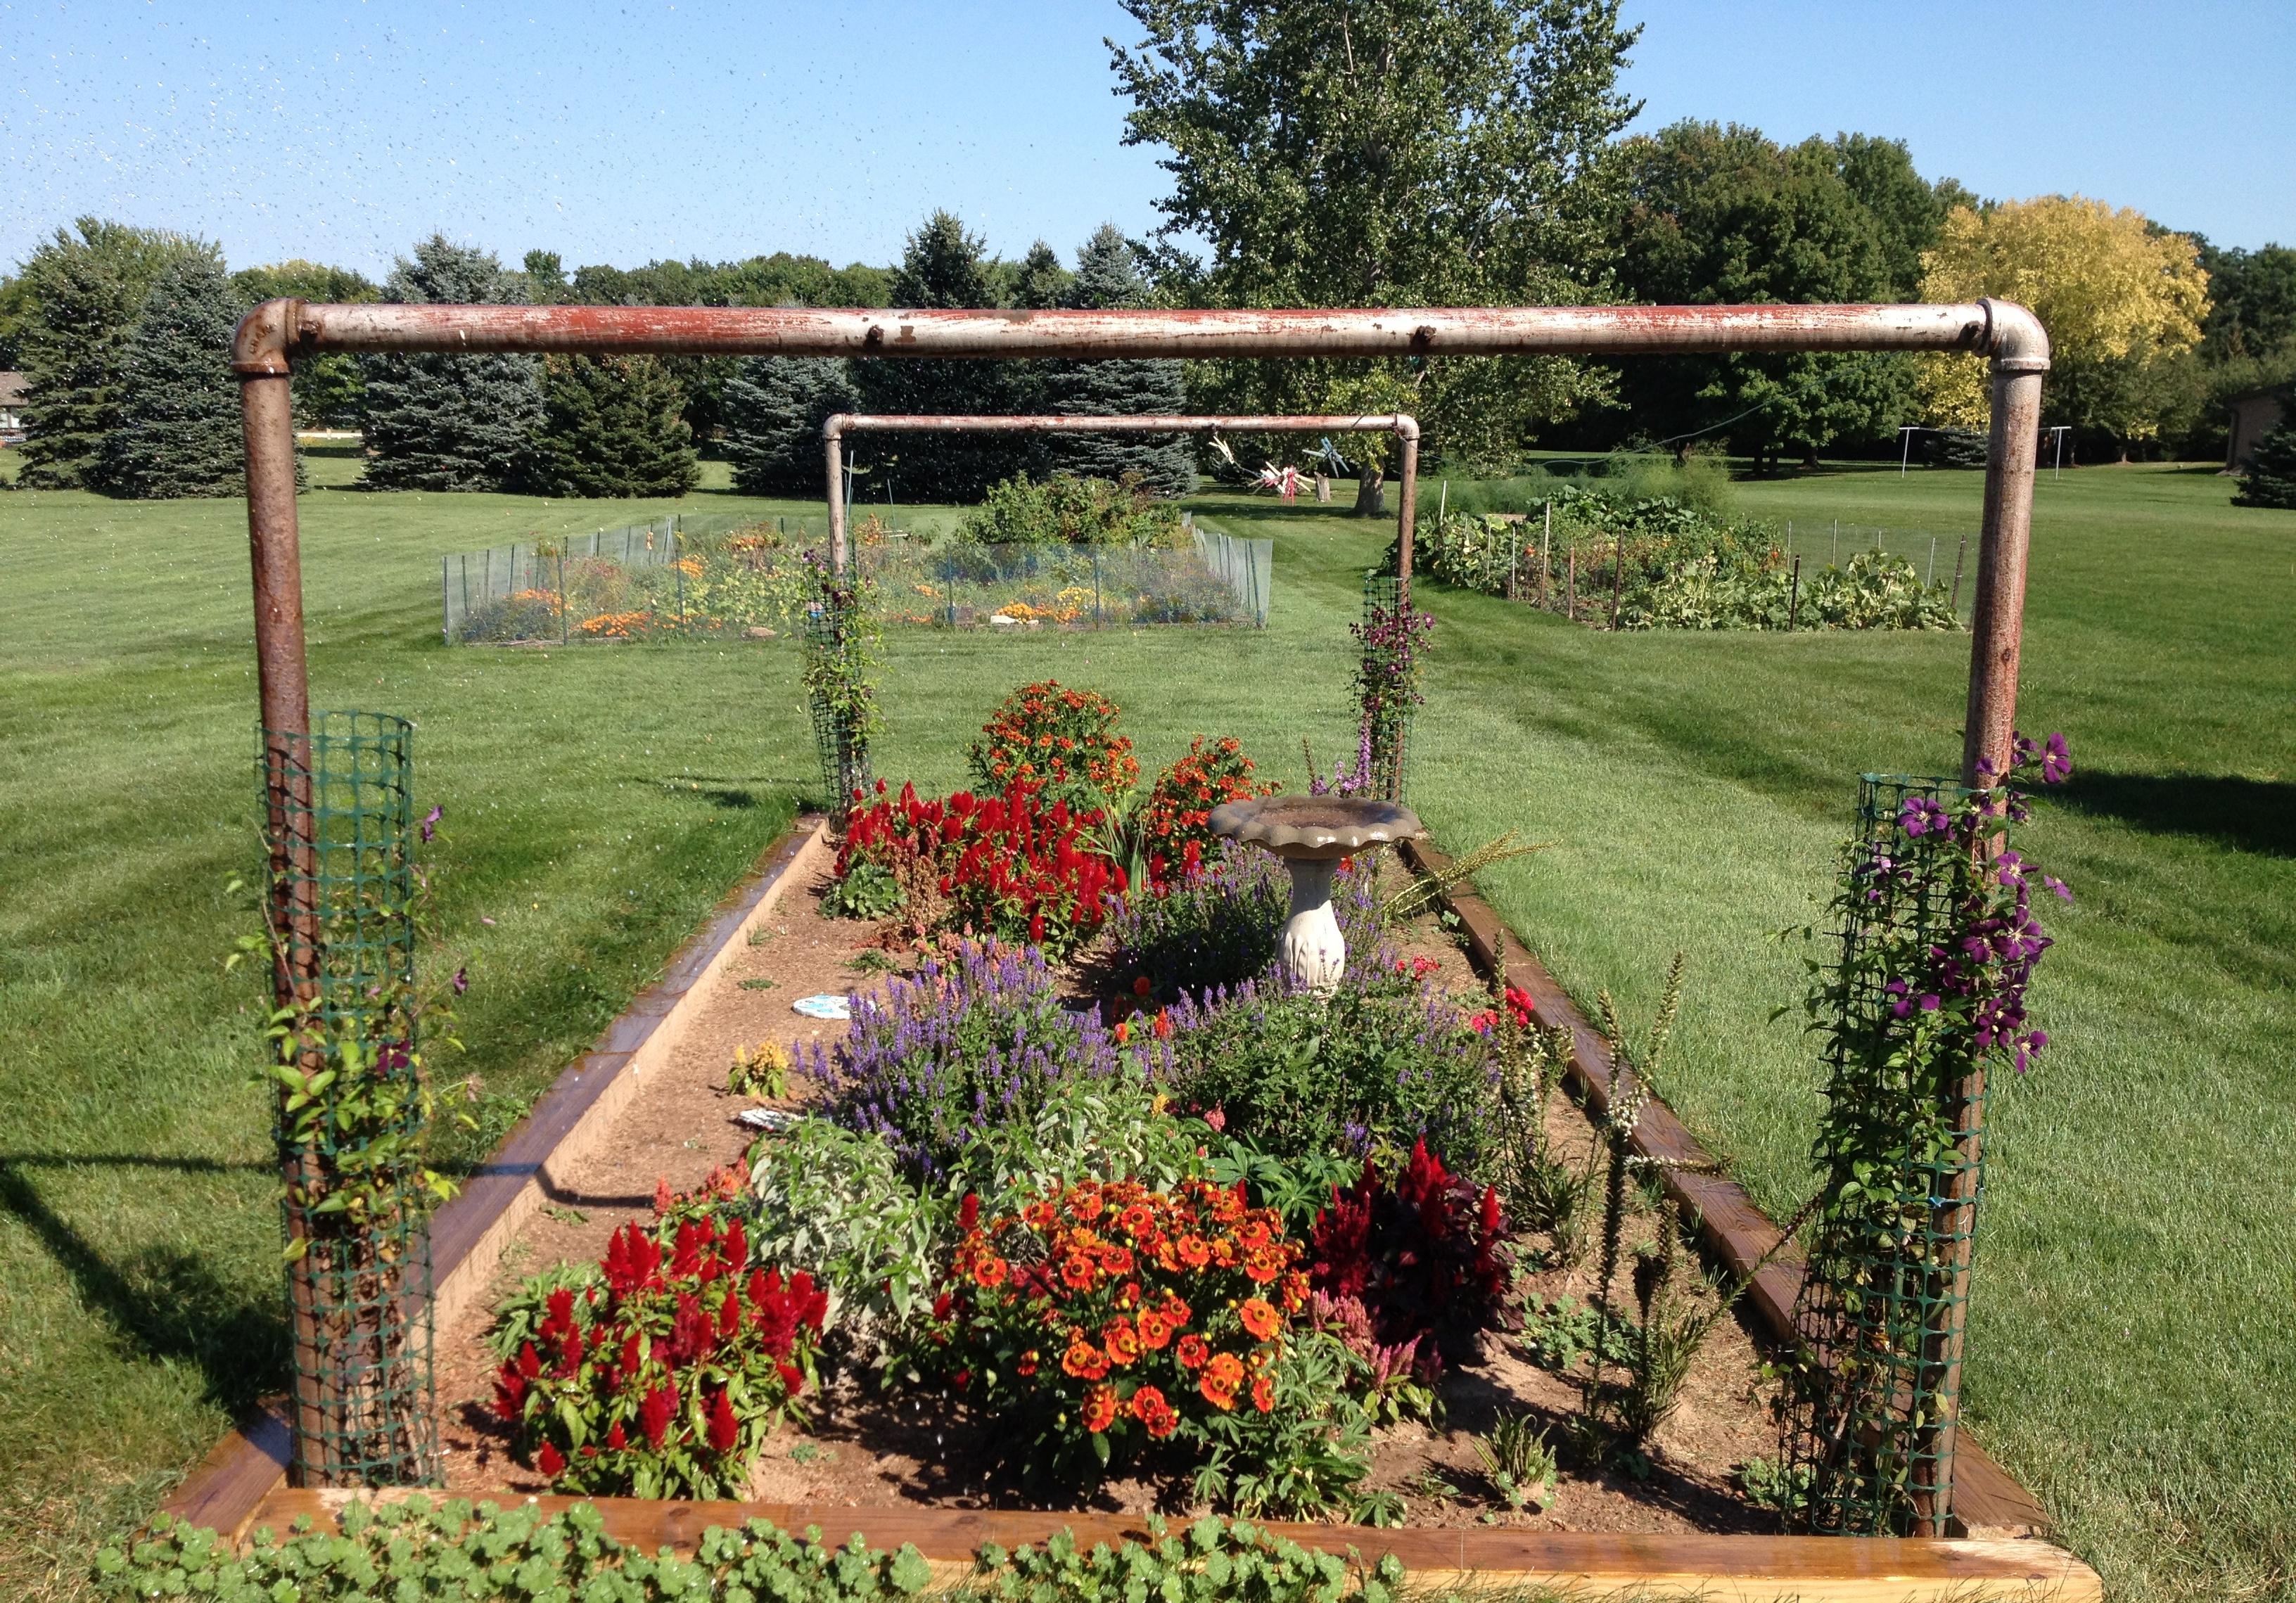 Who has the perfect backyard me me me garden booyah for The perfect vegetable garden